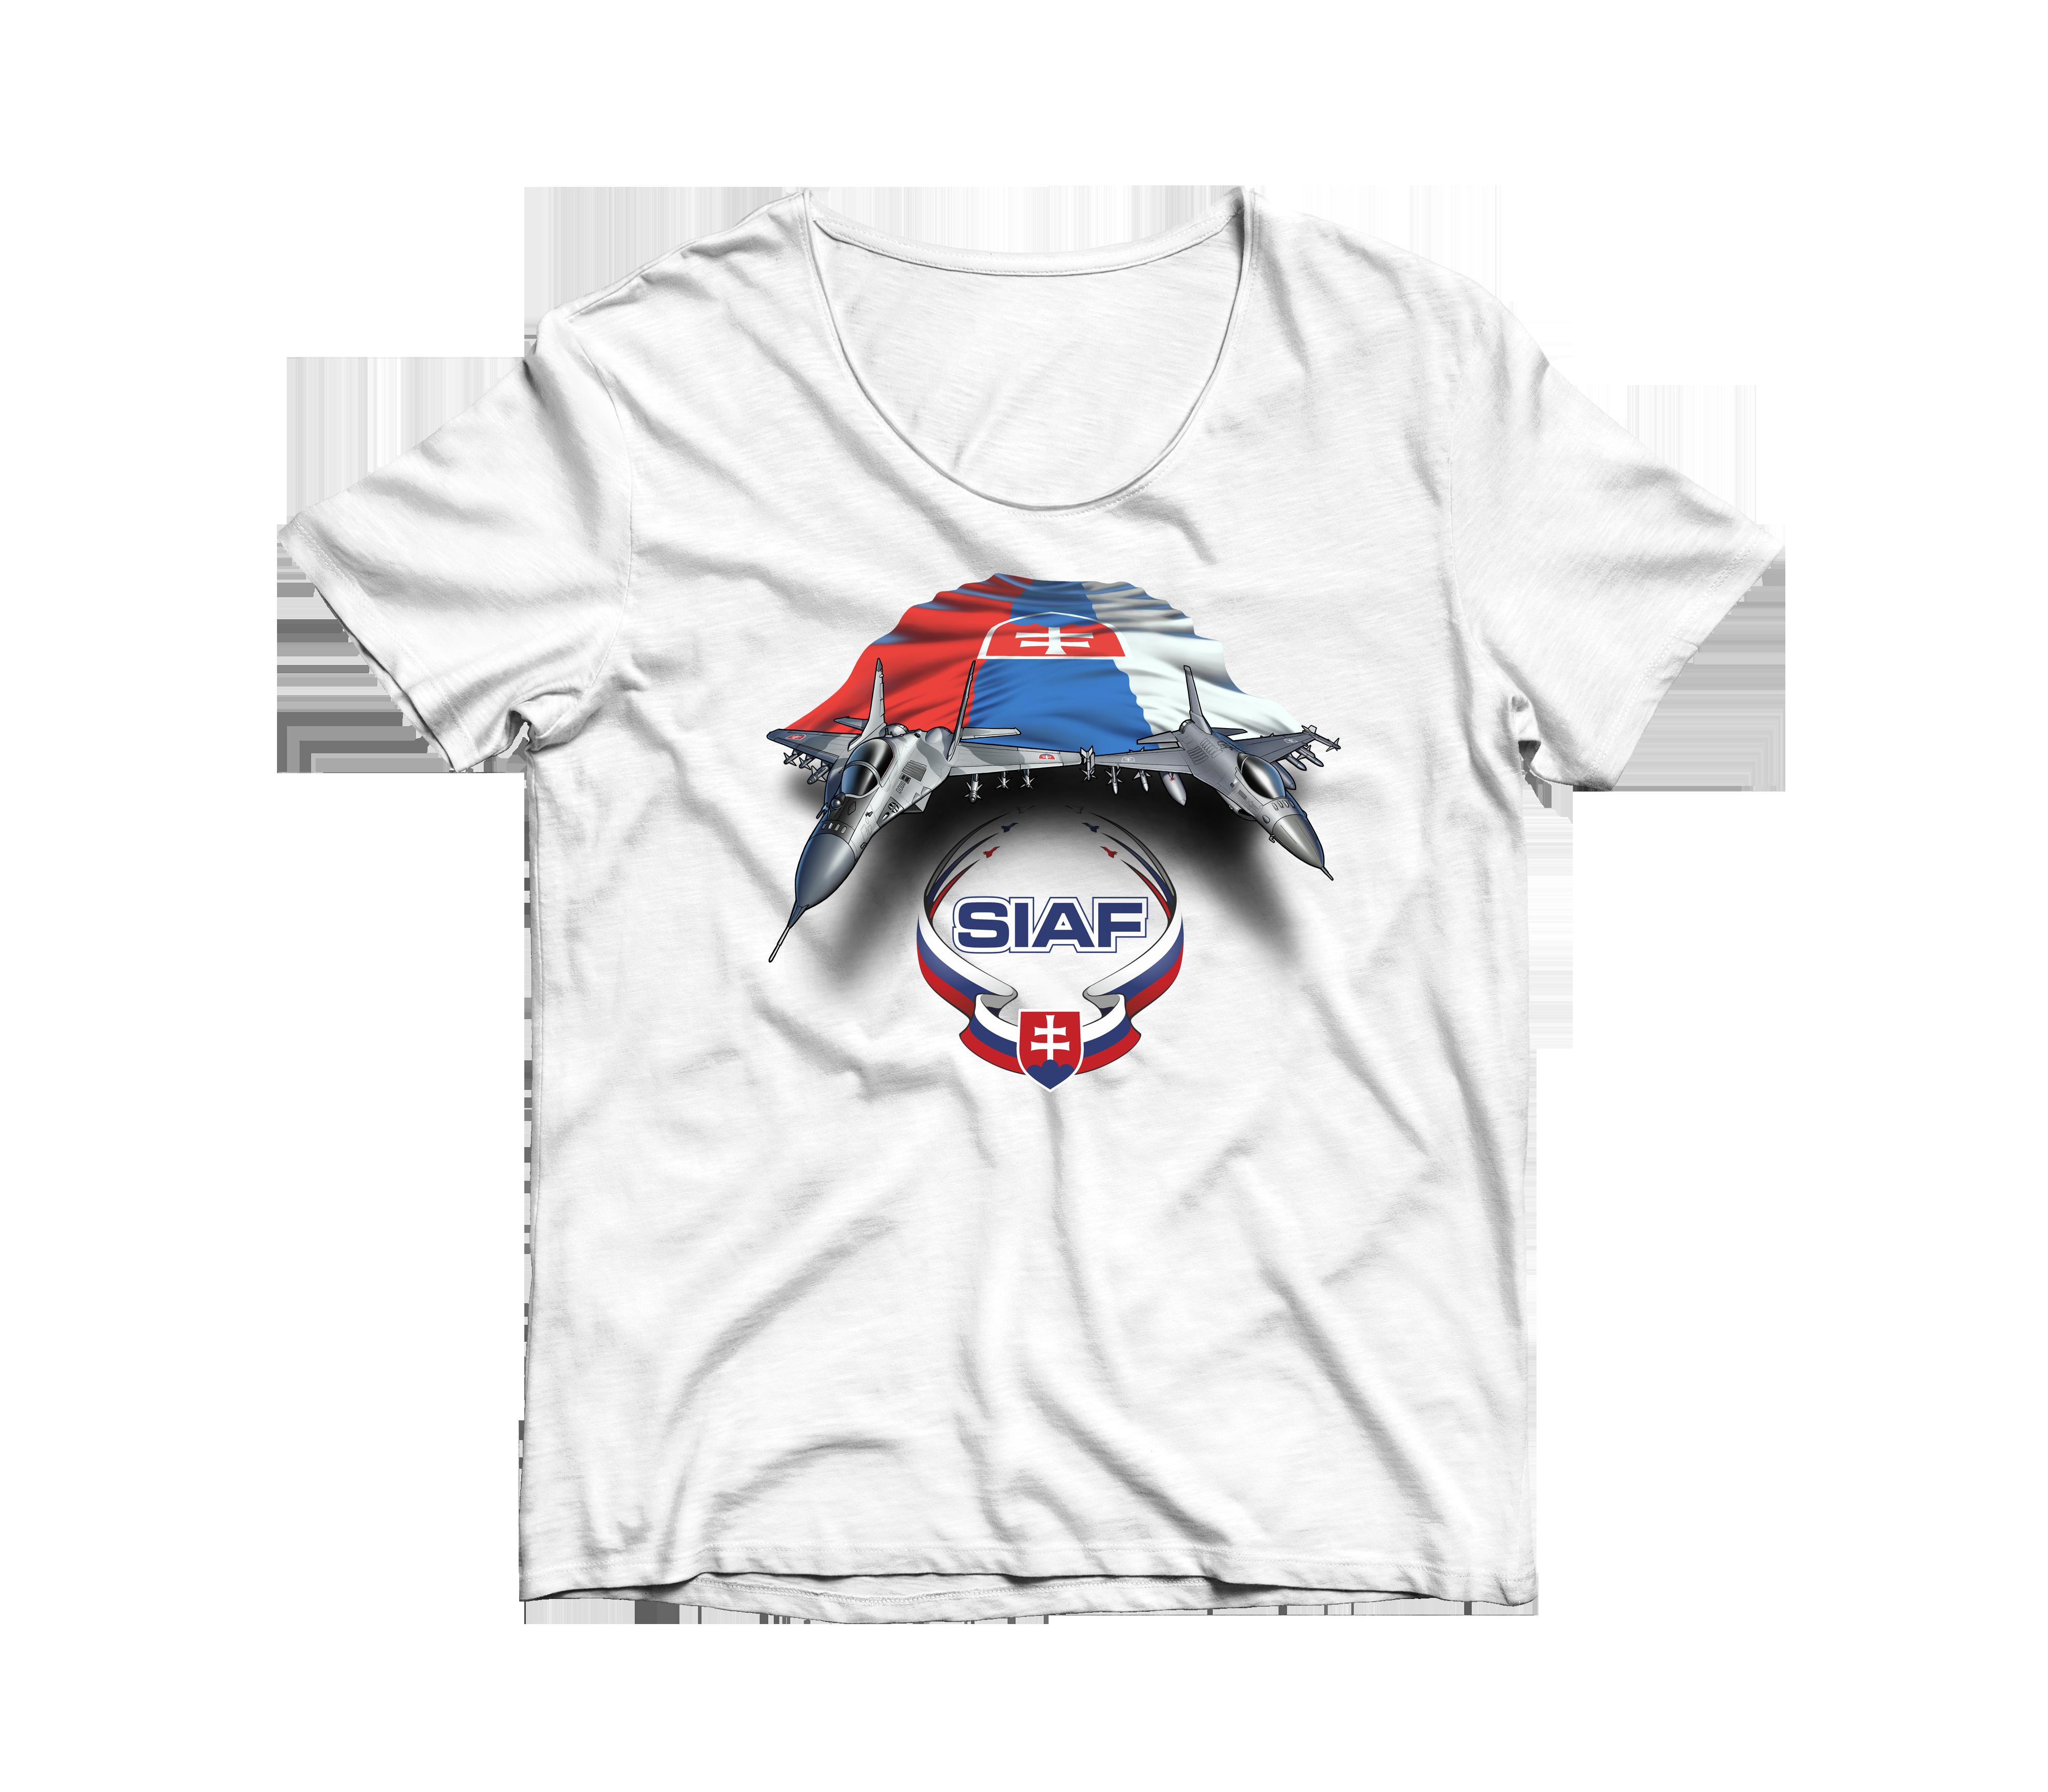 SIAF tričká 2021 - SIAF tričko 2021 Biele